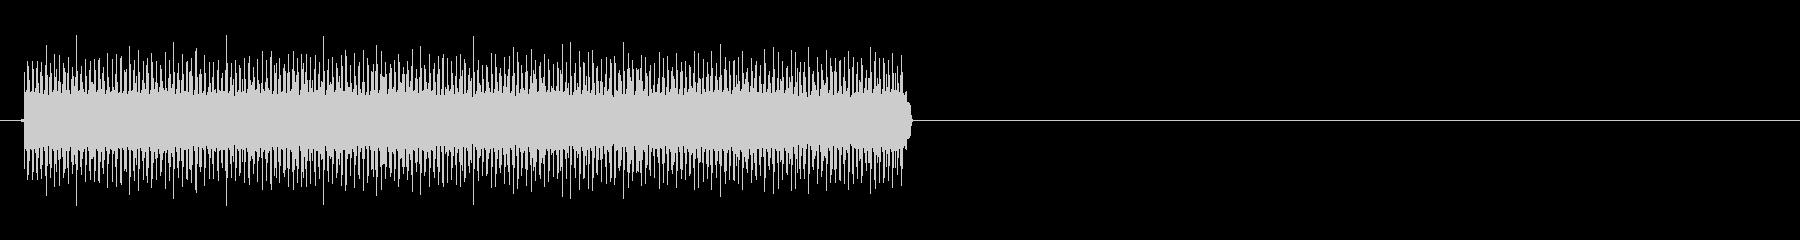 ビーッ(STG、目からビーム)の未再生の波形